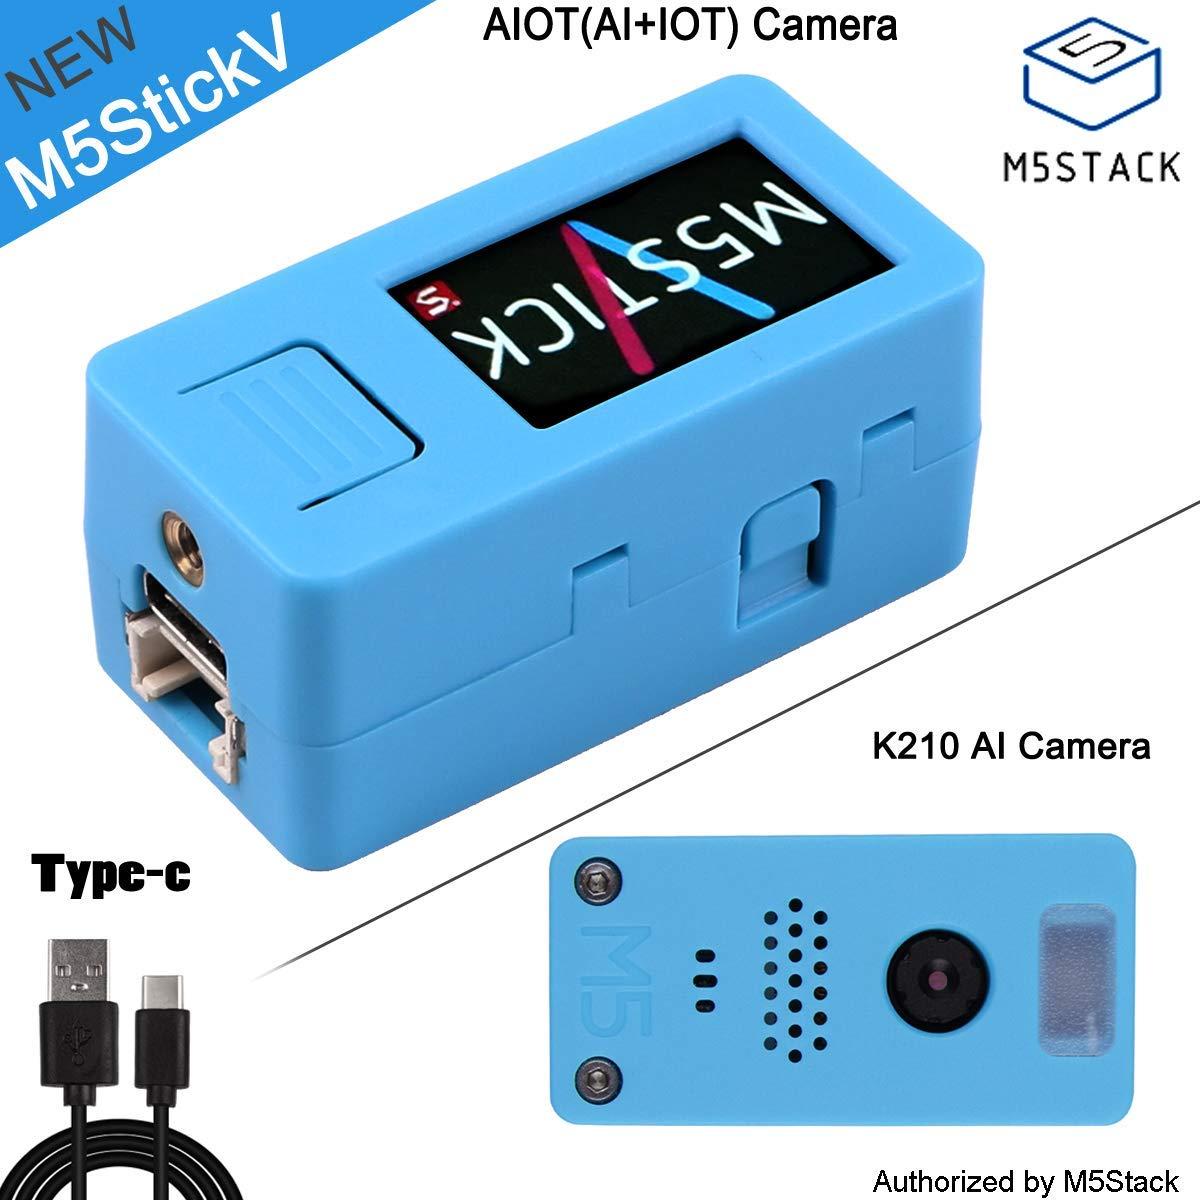 M5Stack StickV K210 AI Cámara Chip de 64 BIT RISC-V MPU68...